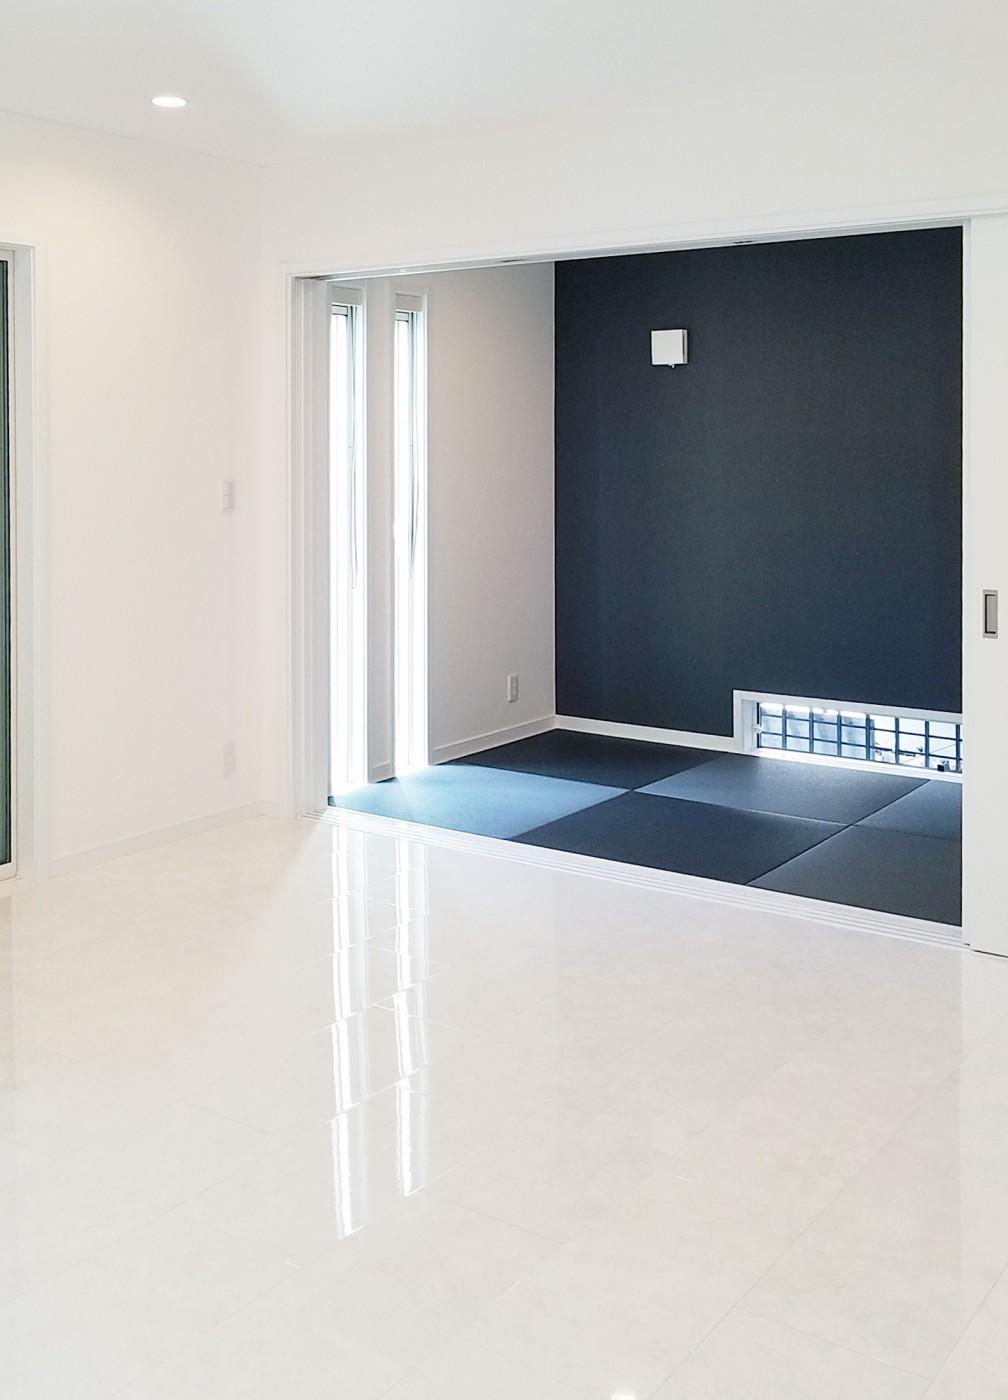 アクセントに黒色の畳と壁紙で、飽きのこないモダンな部屋になっています。(ご主人様のこだわりです)